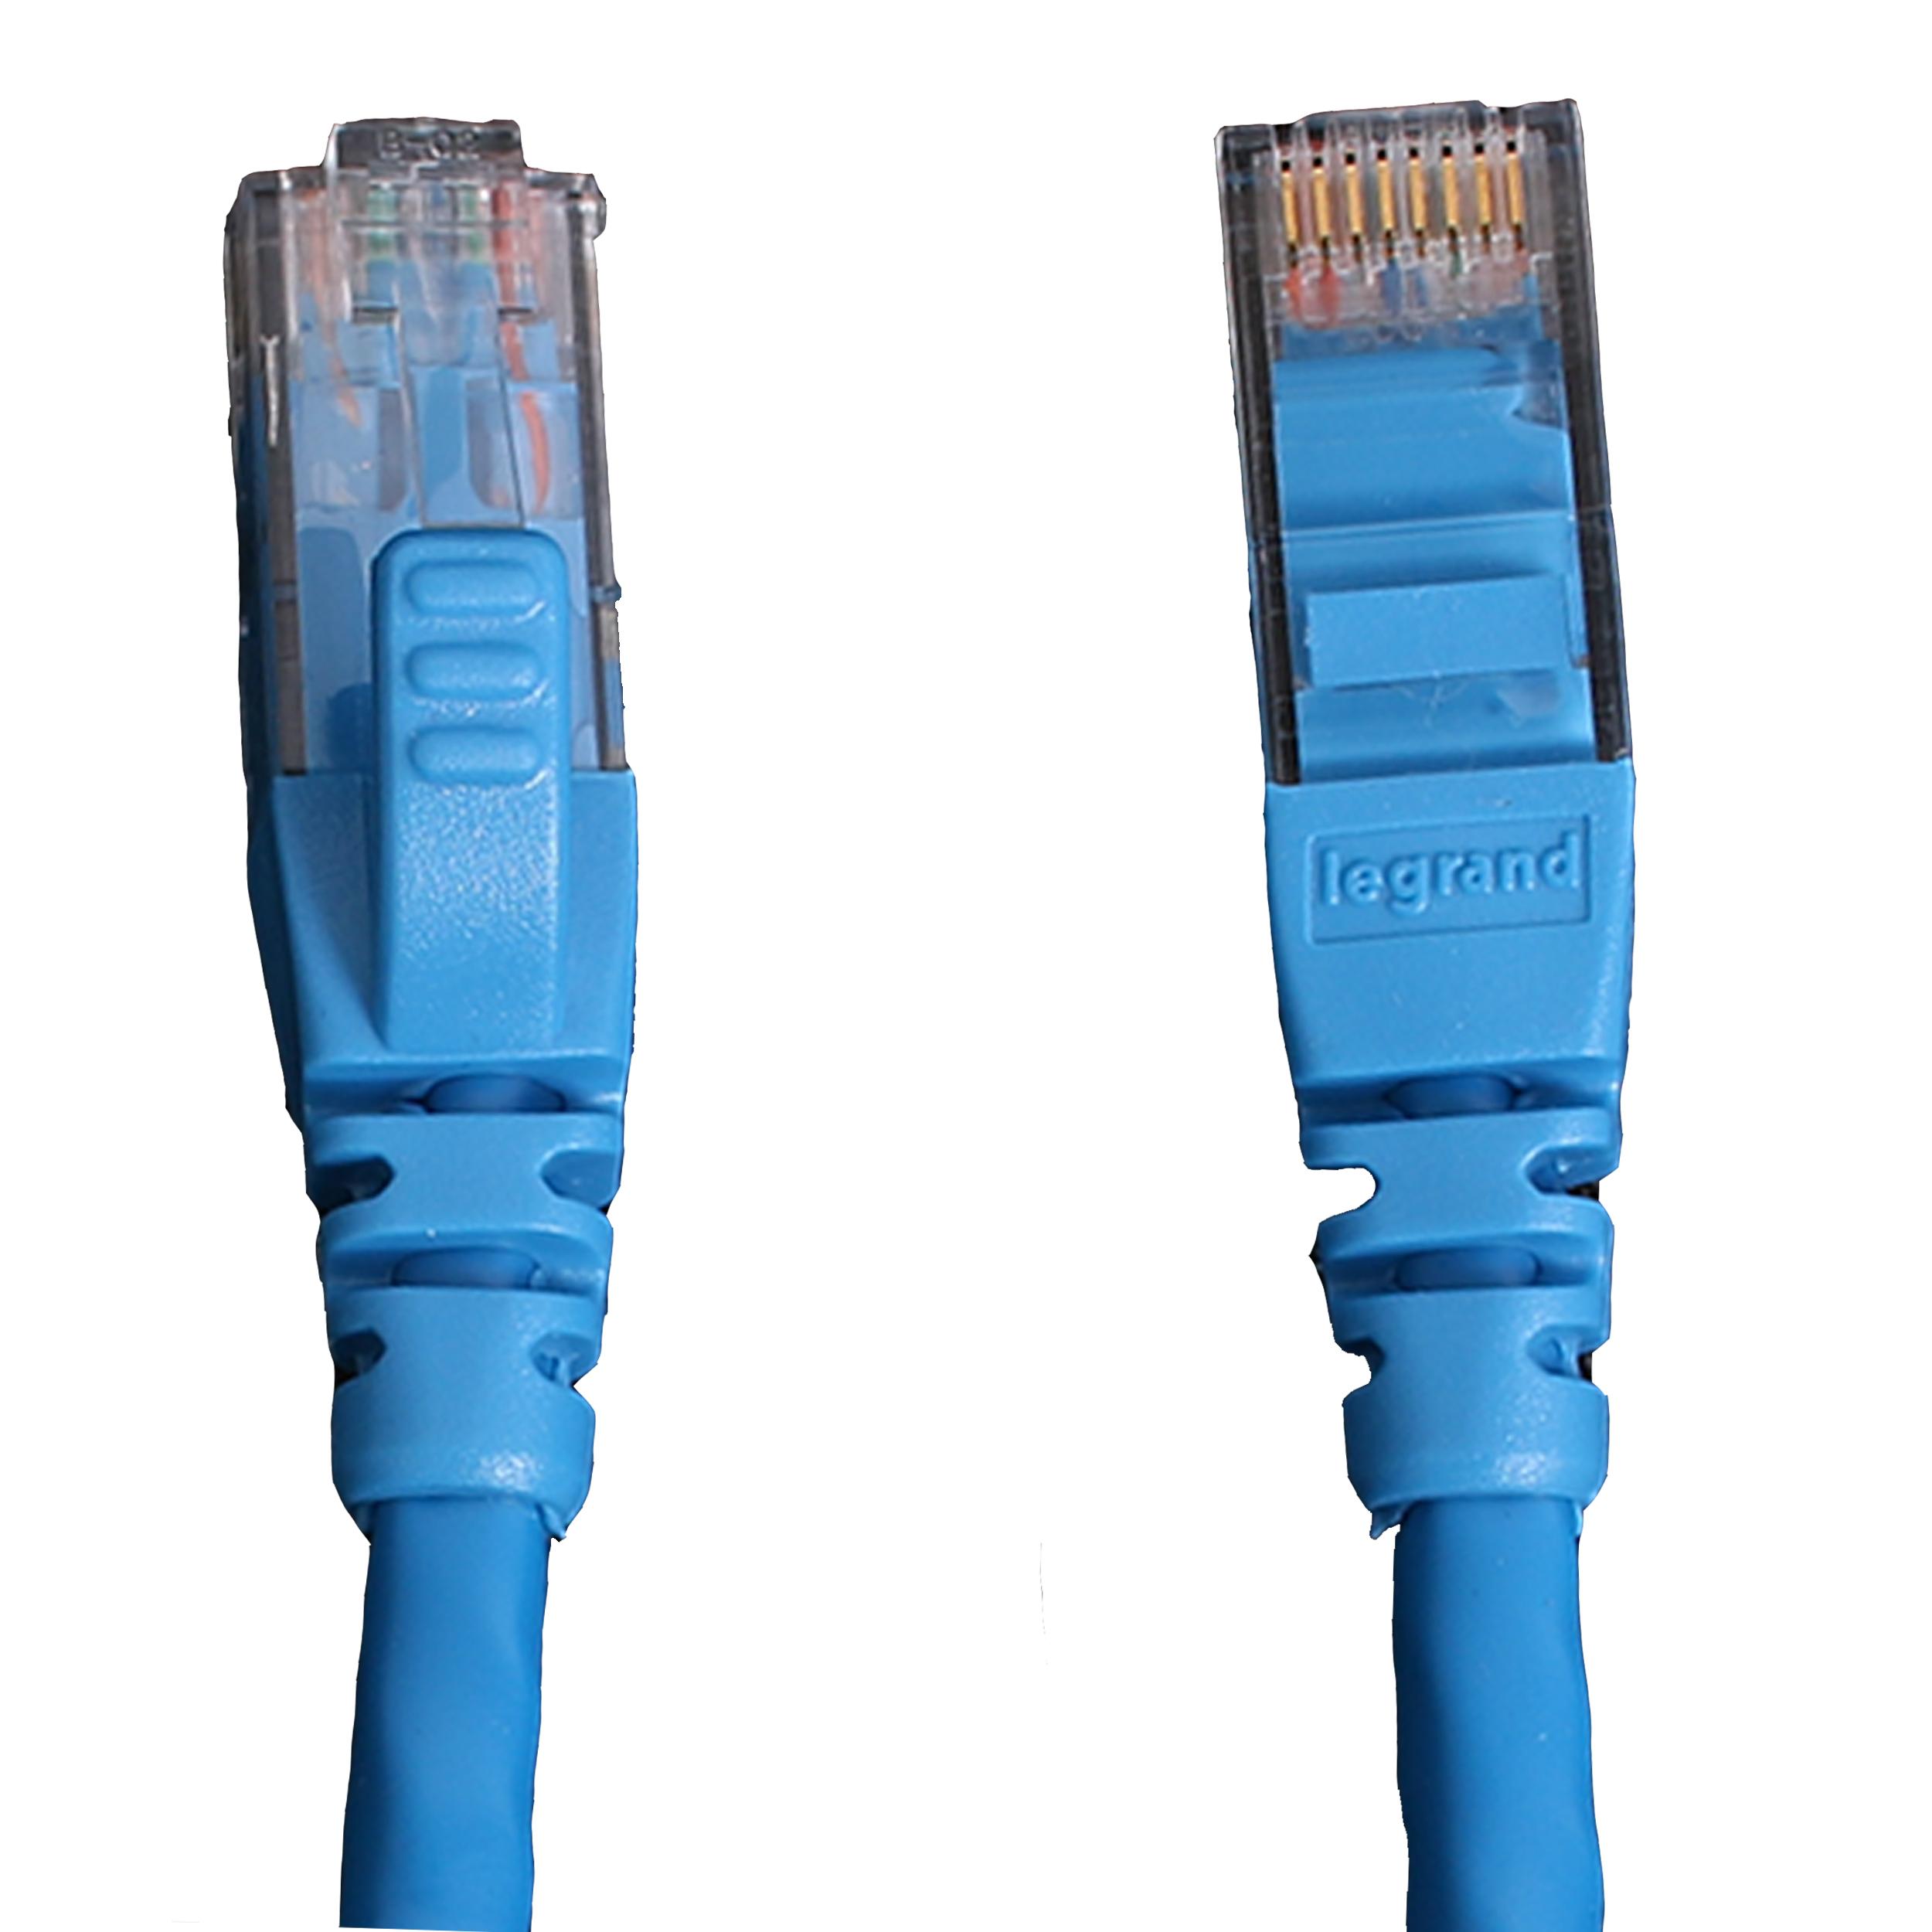 کابل شبکه CAT6 لگرند طول 3متر